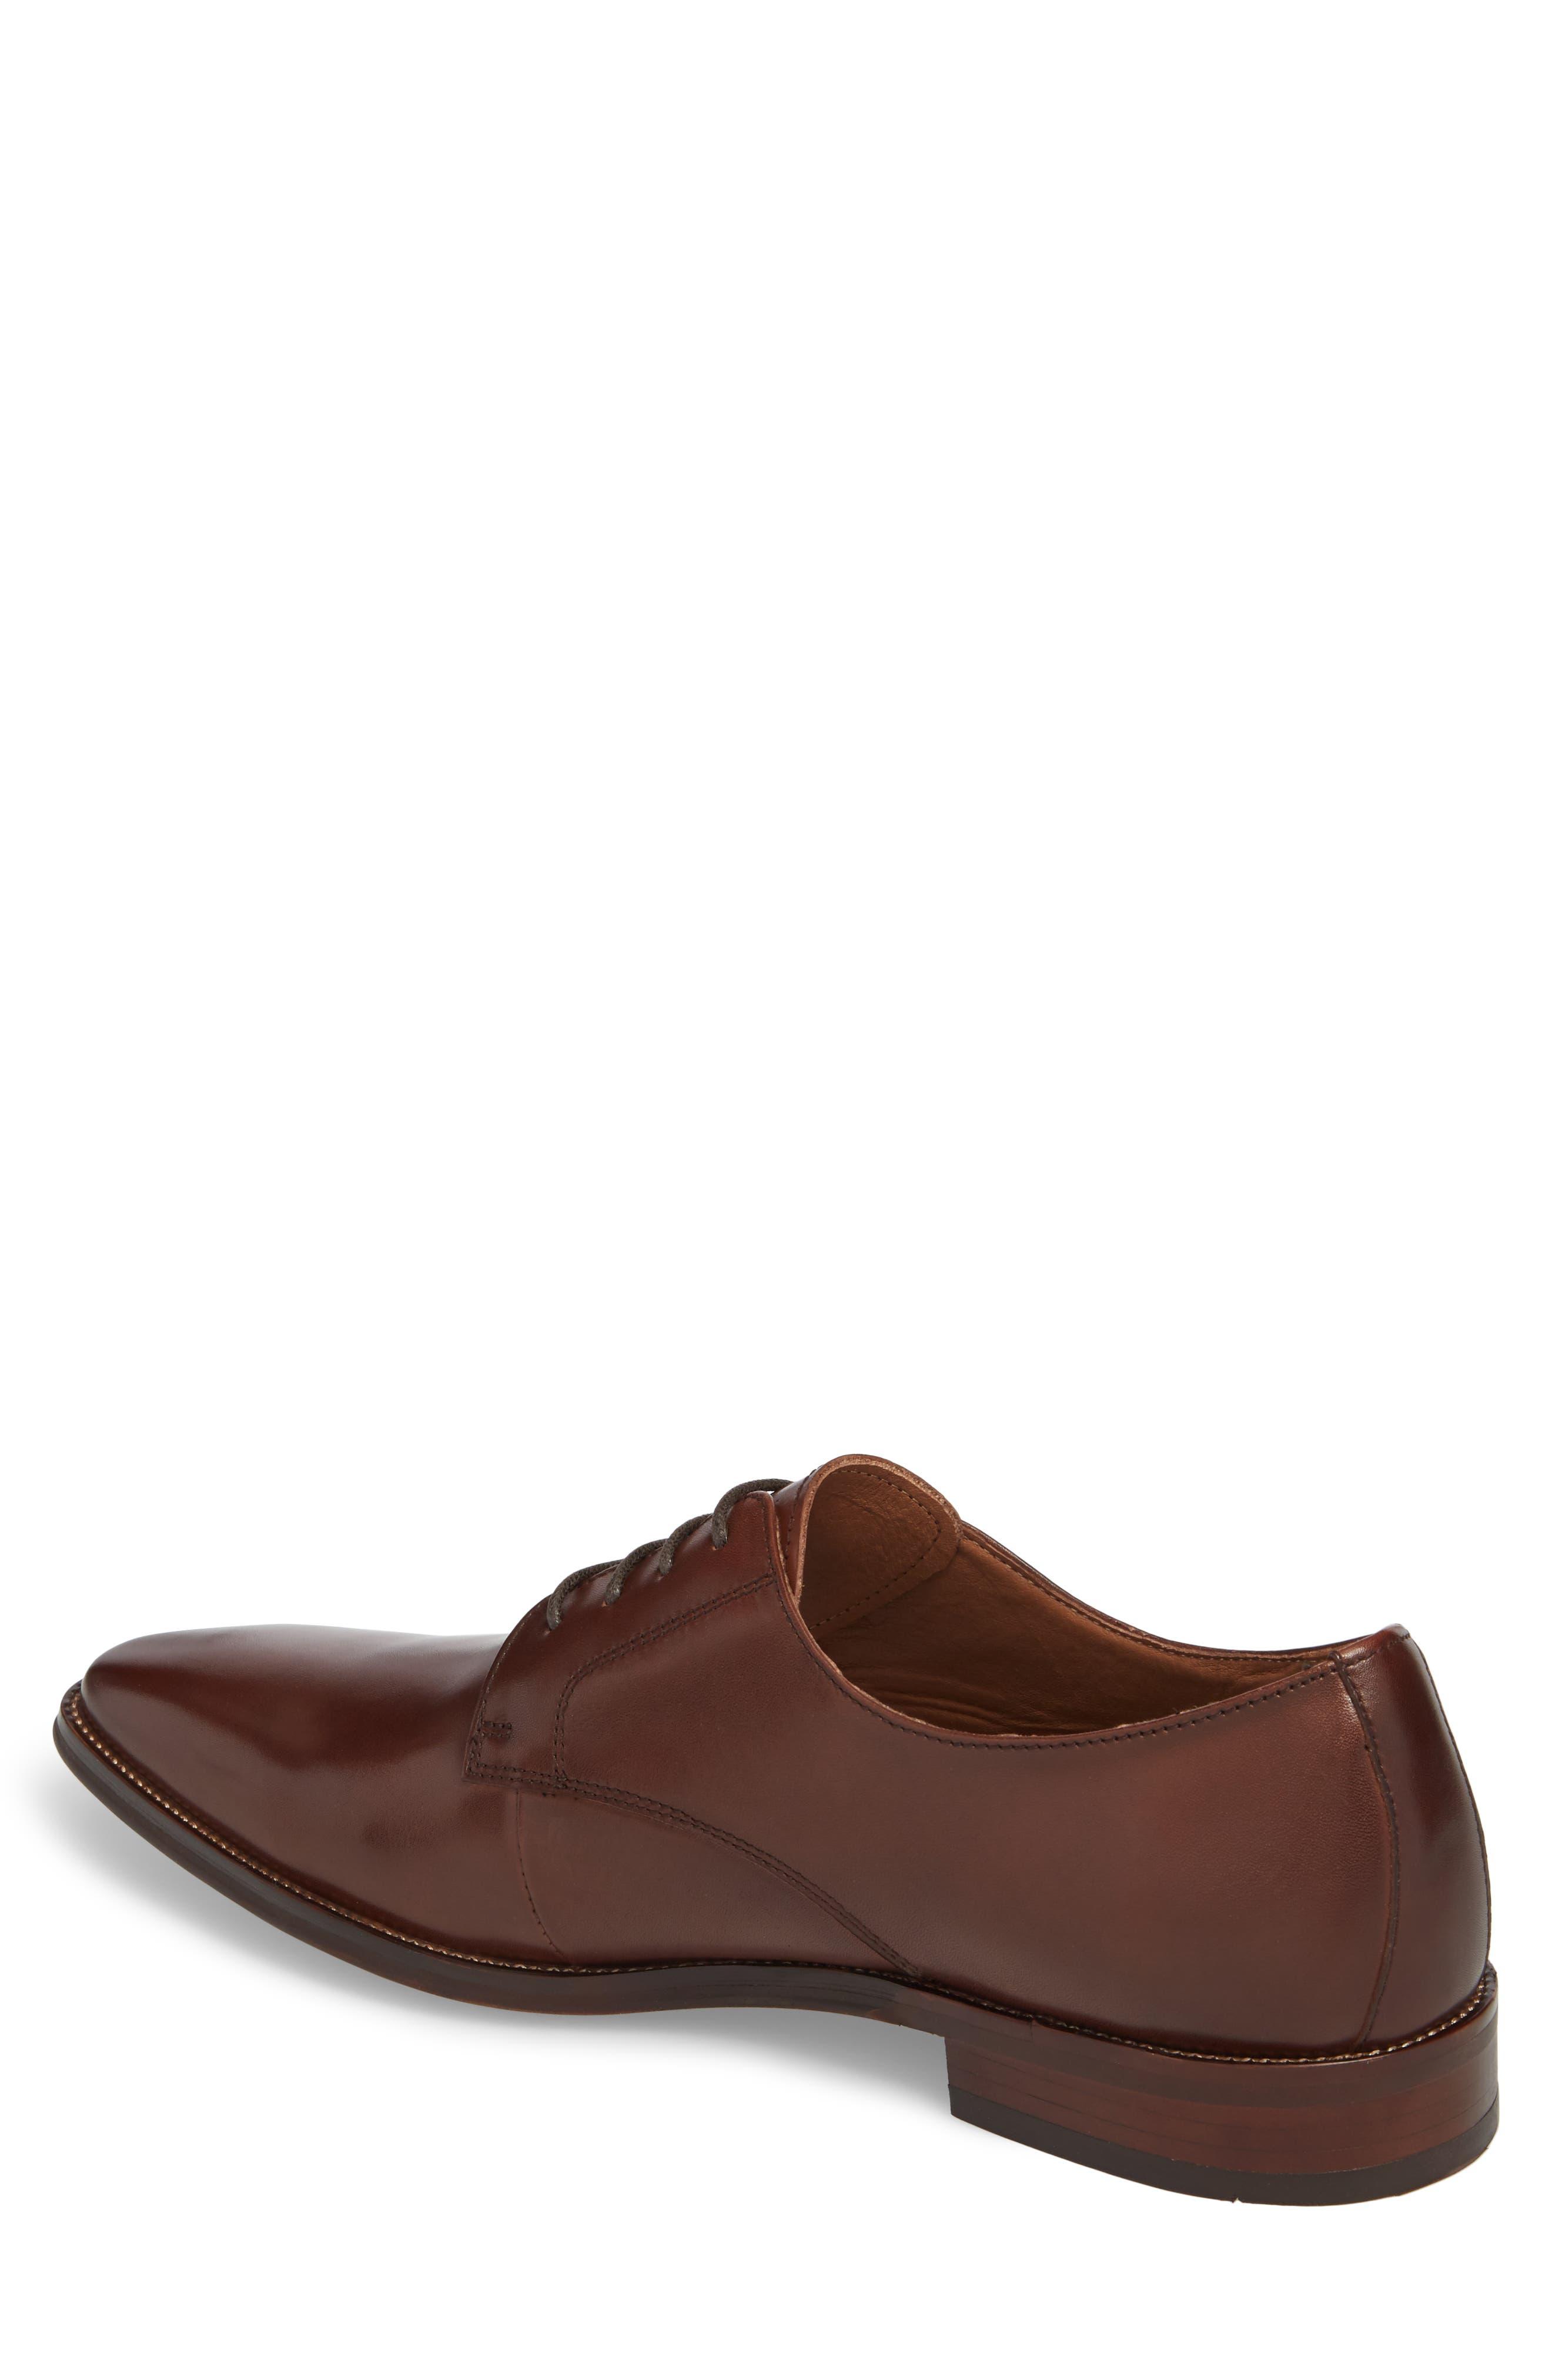 Phoenix Plain Toe Derby,                             Alternate thumbnail 2, color,                             Tan Leather